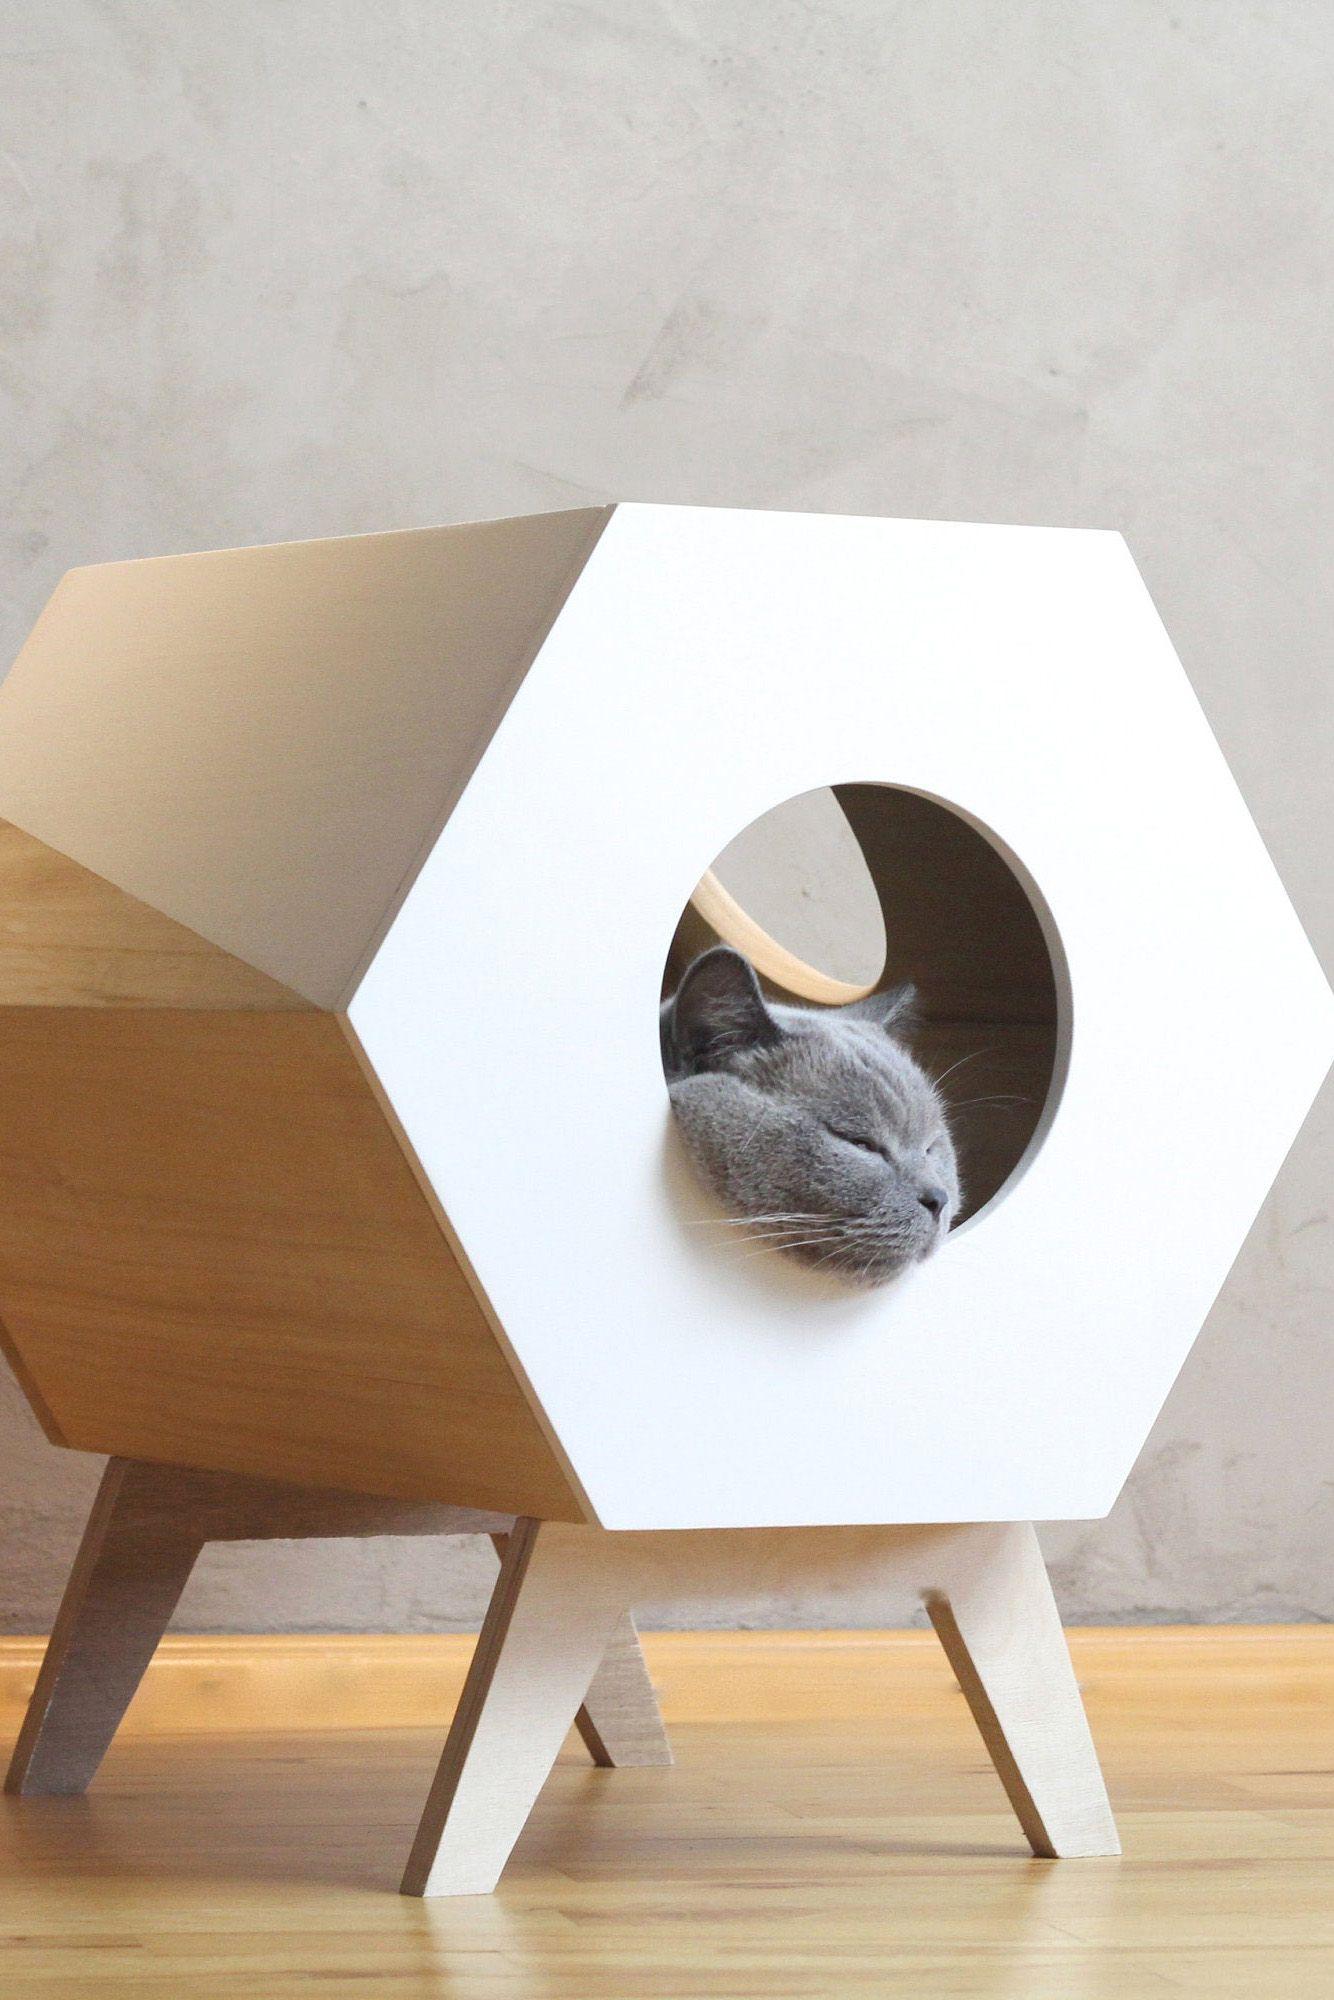 Cat Furniture Design Cat House Modern Cat Bed Pet Furniture